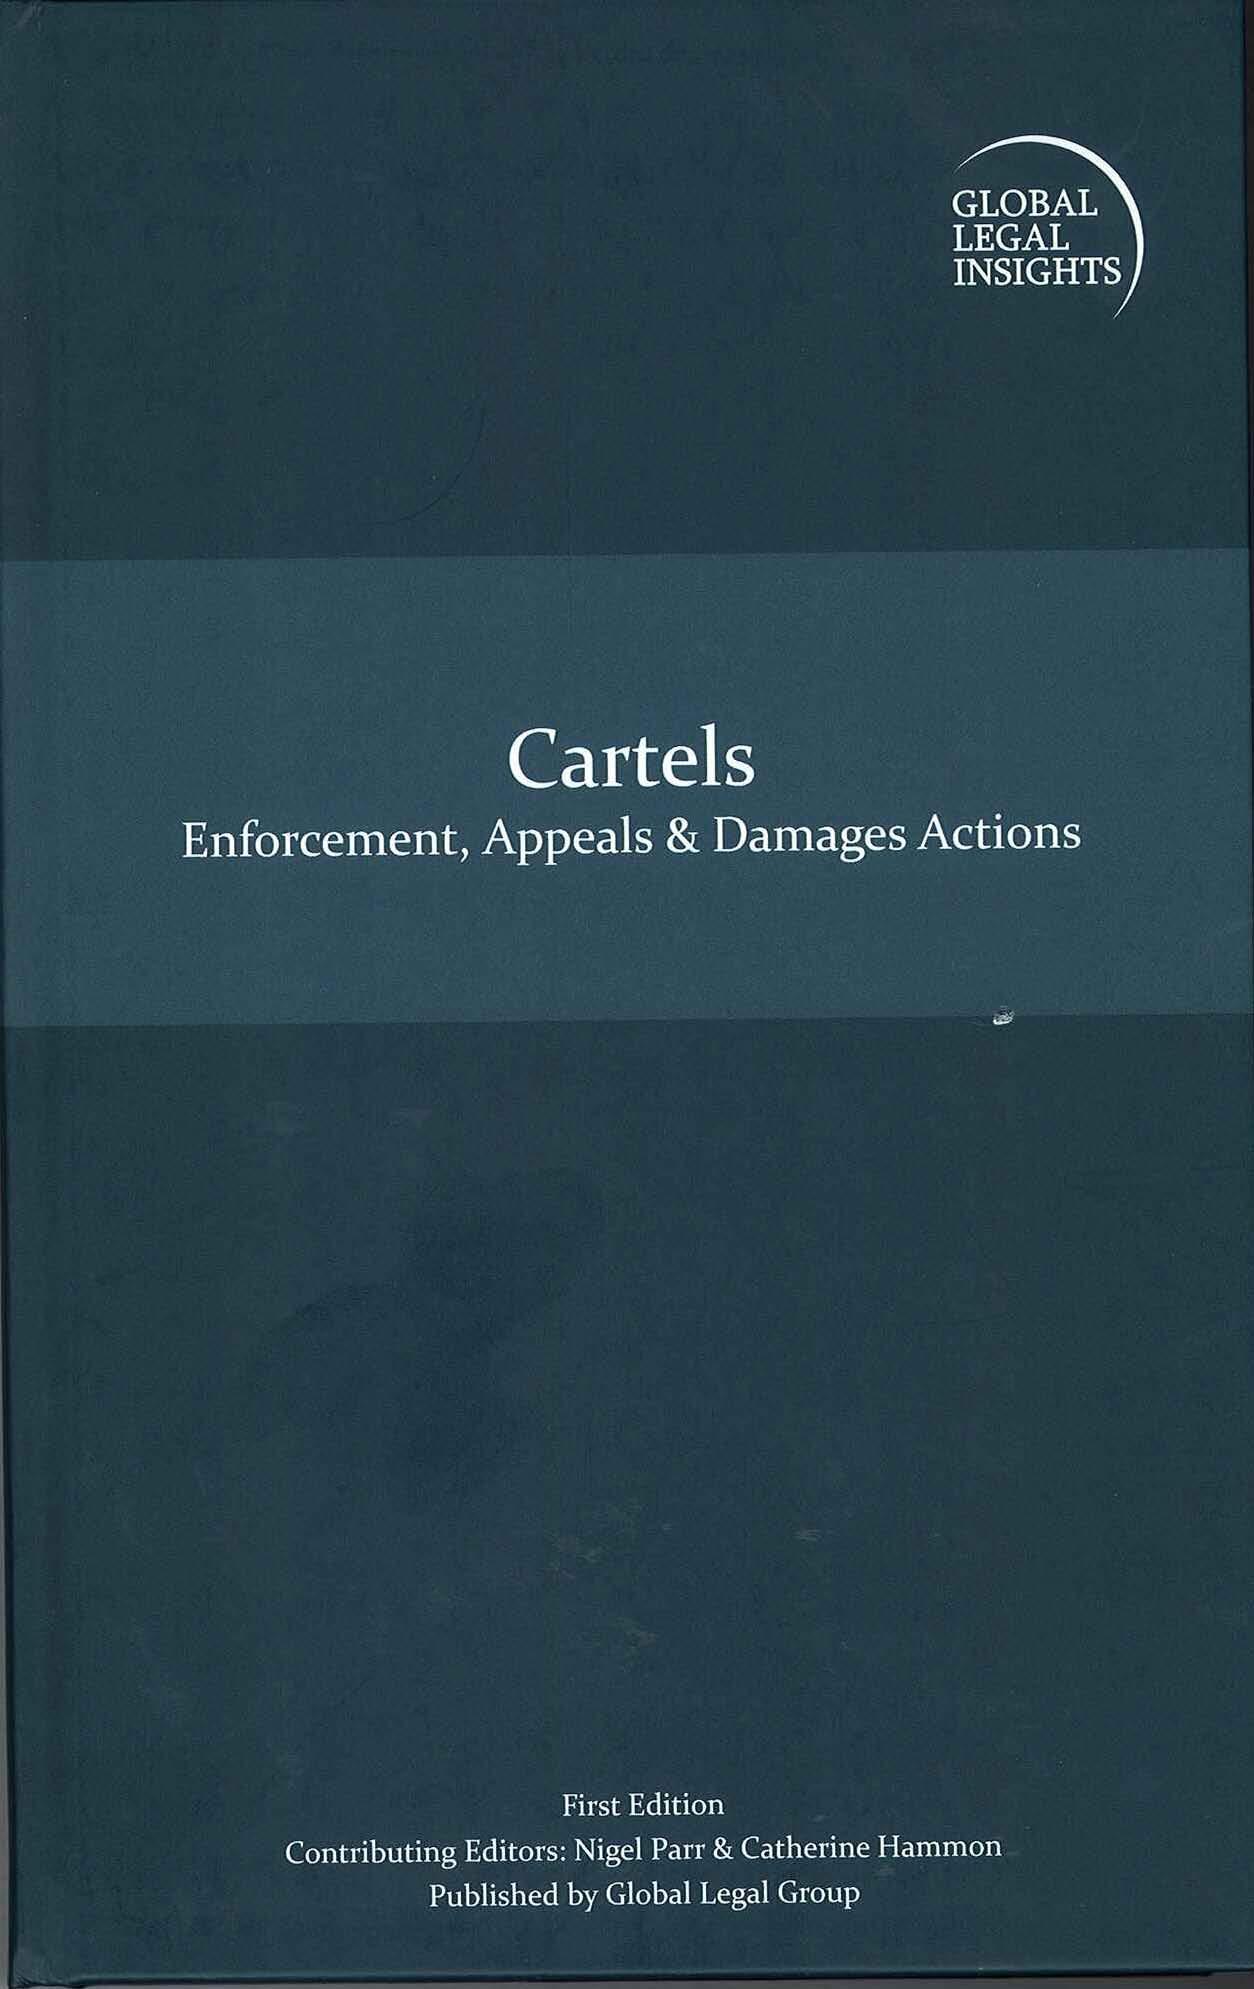 Cartels_November-2012_Cover_04_02_13